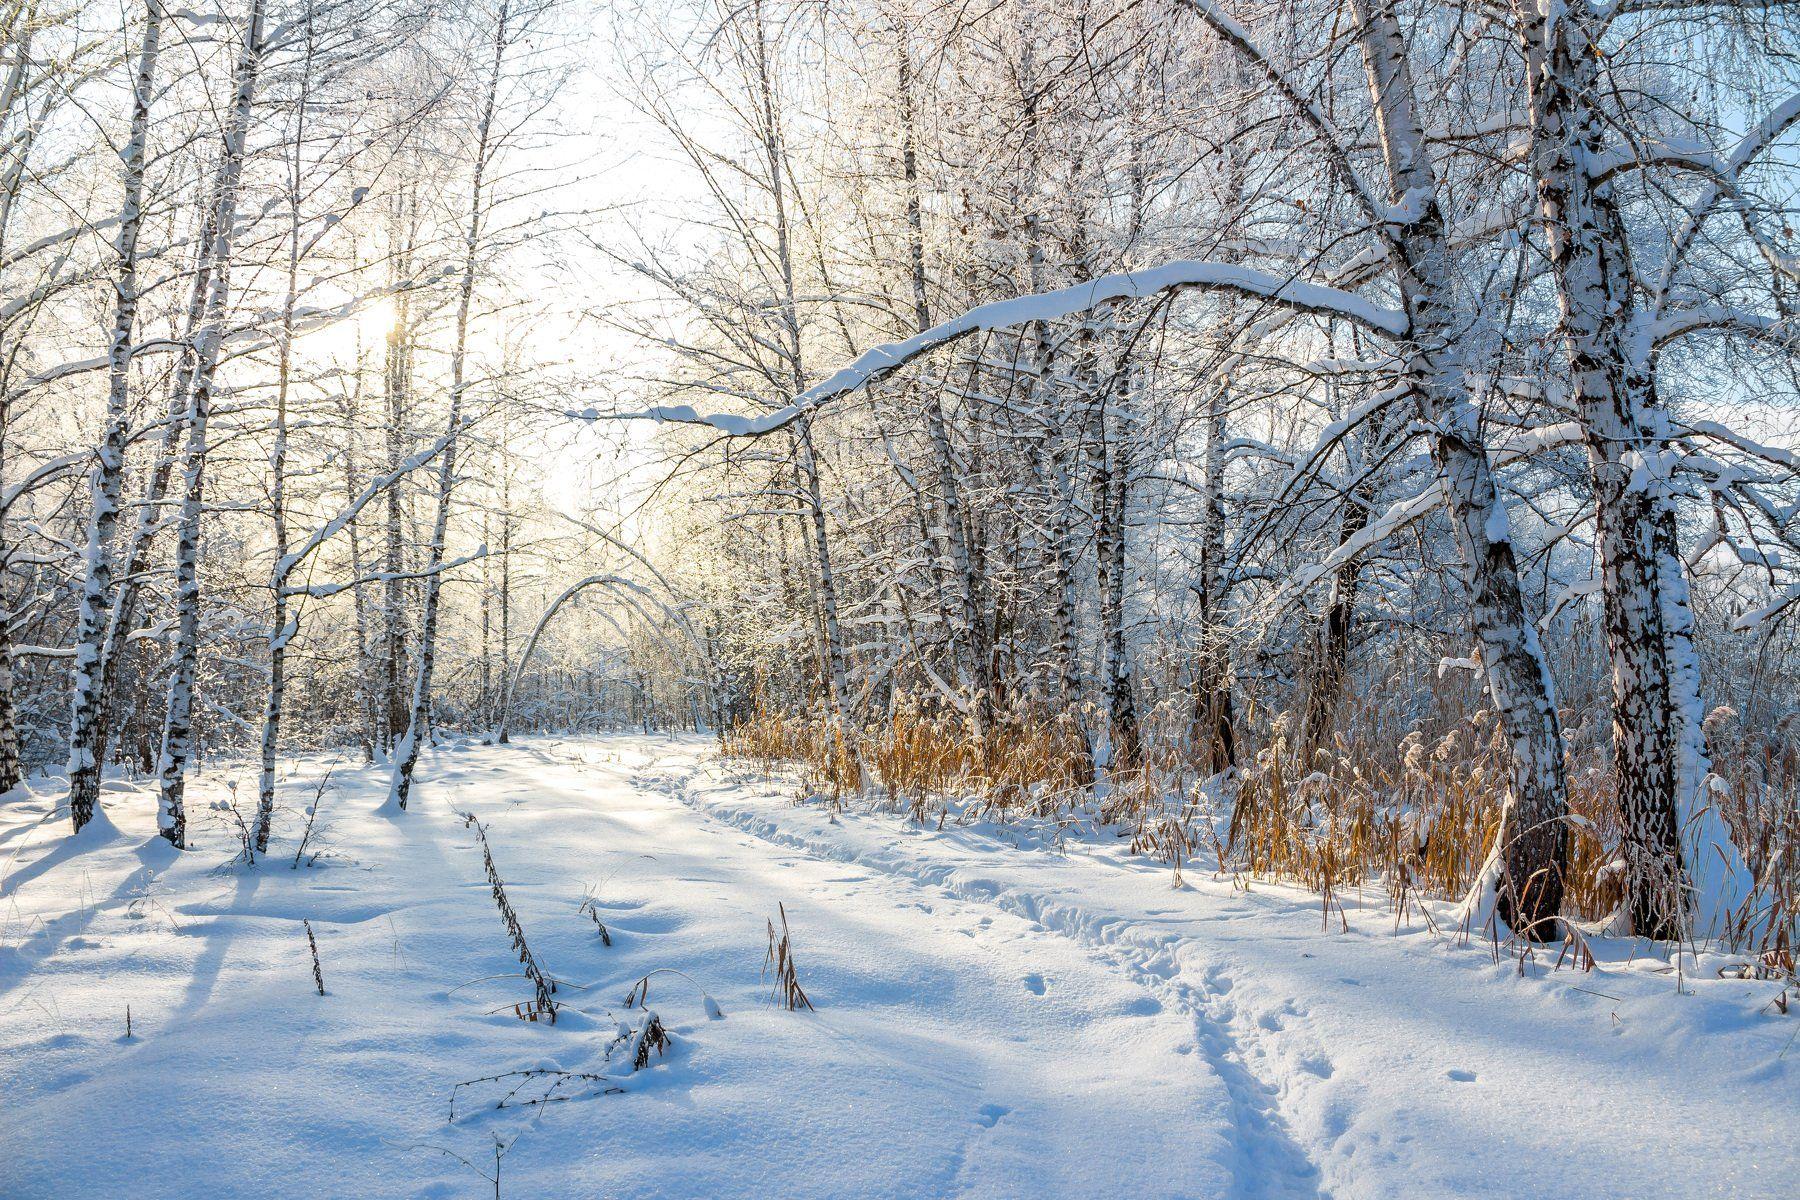 усмань, снег, рождество, мороз, лес, иней, зима, заповедник, берёзы, Руслан Востриков